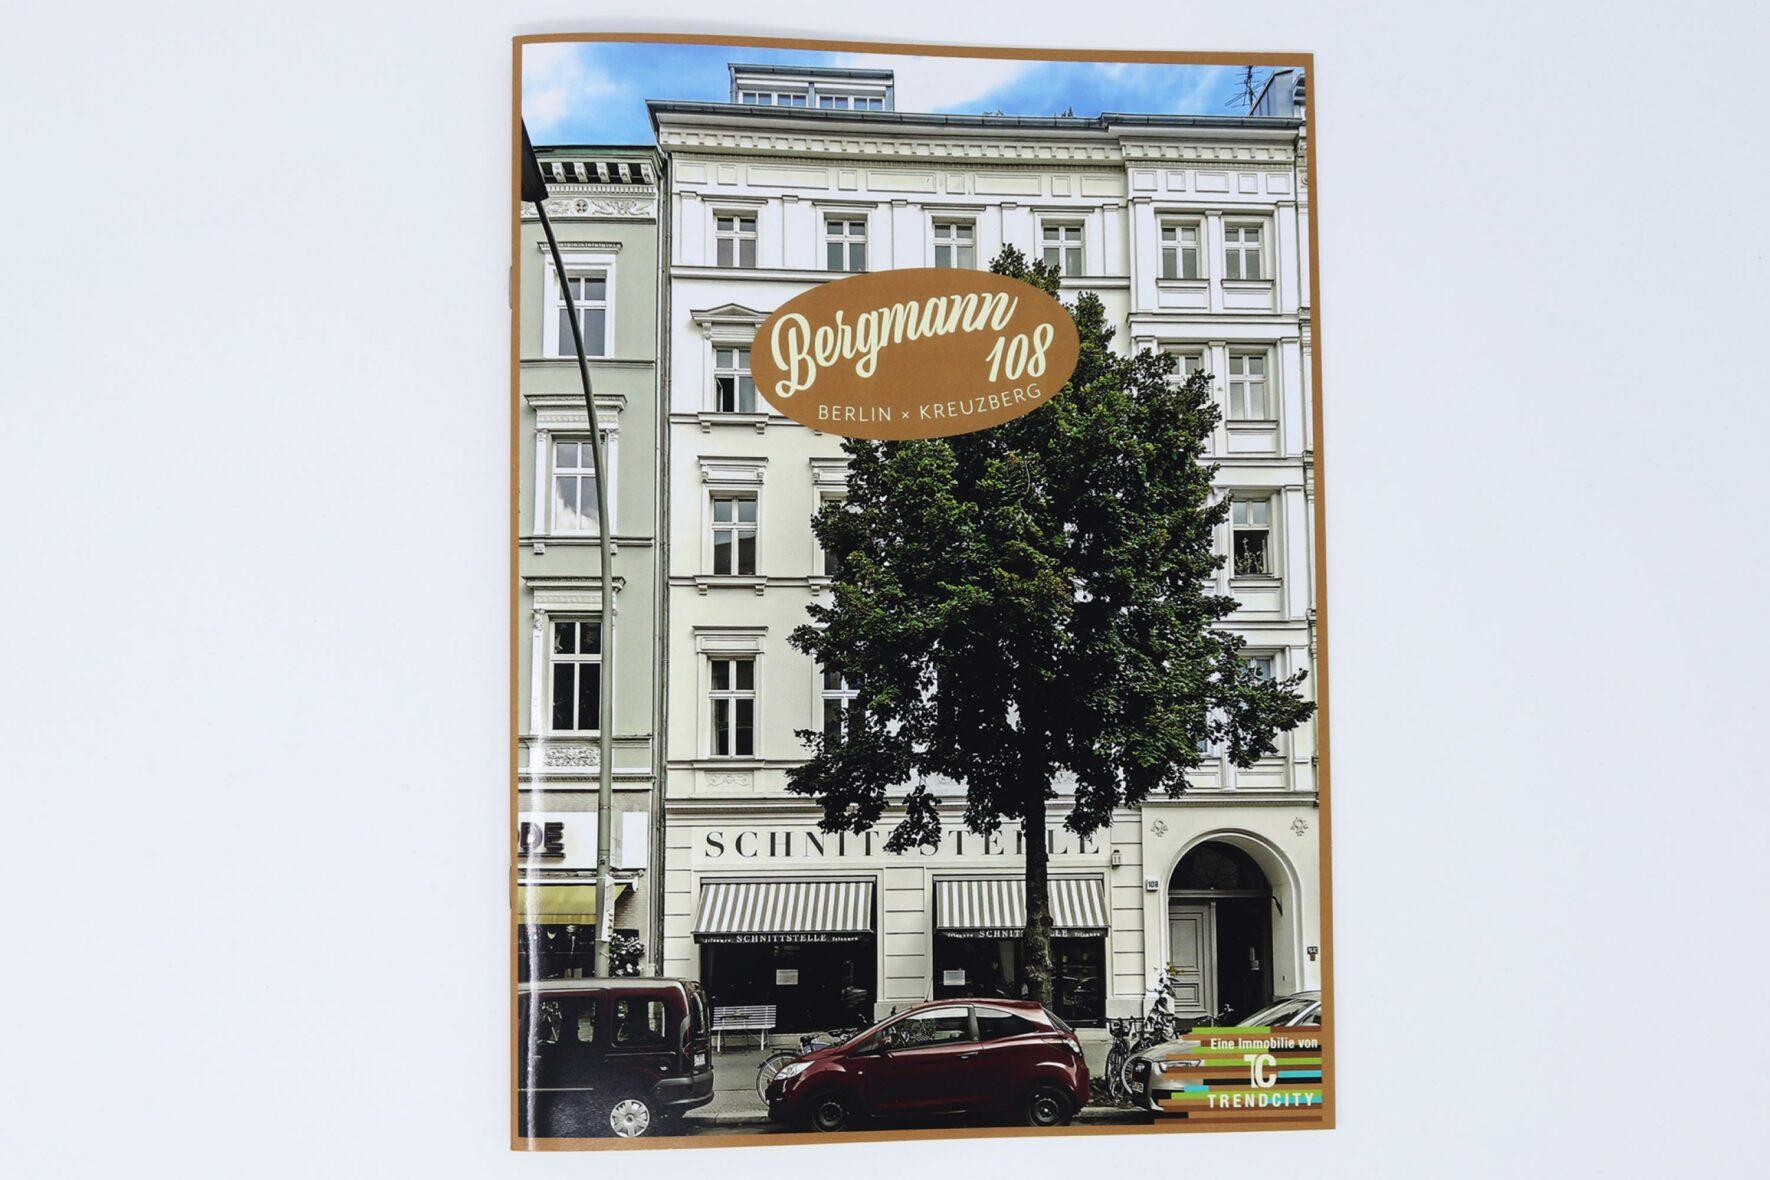 1Corporate_Design-Trendcity_Immobilien-Broschüre-Bergmann